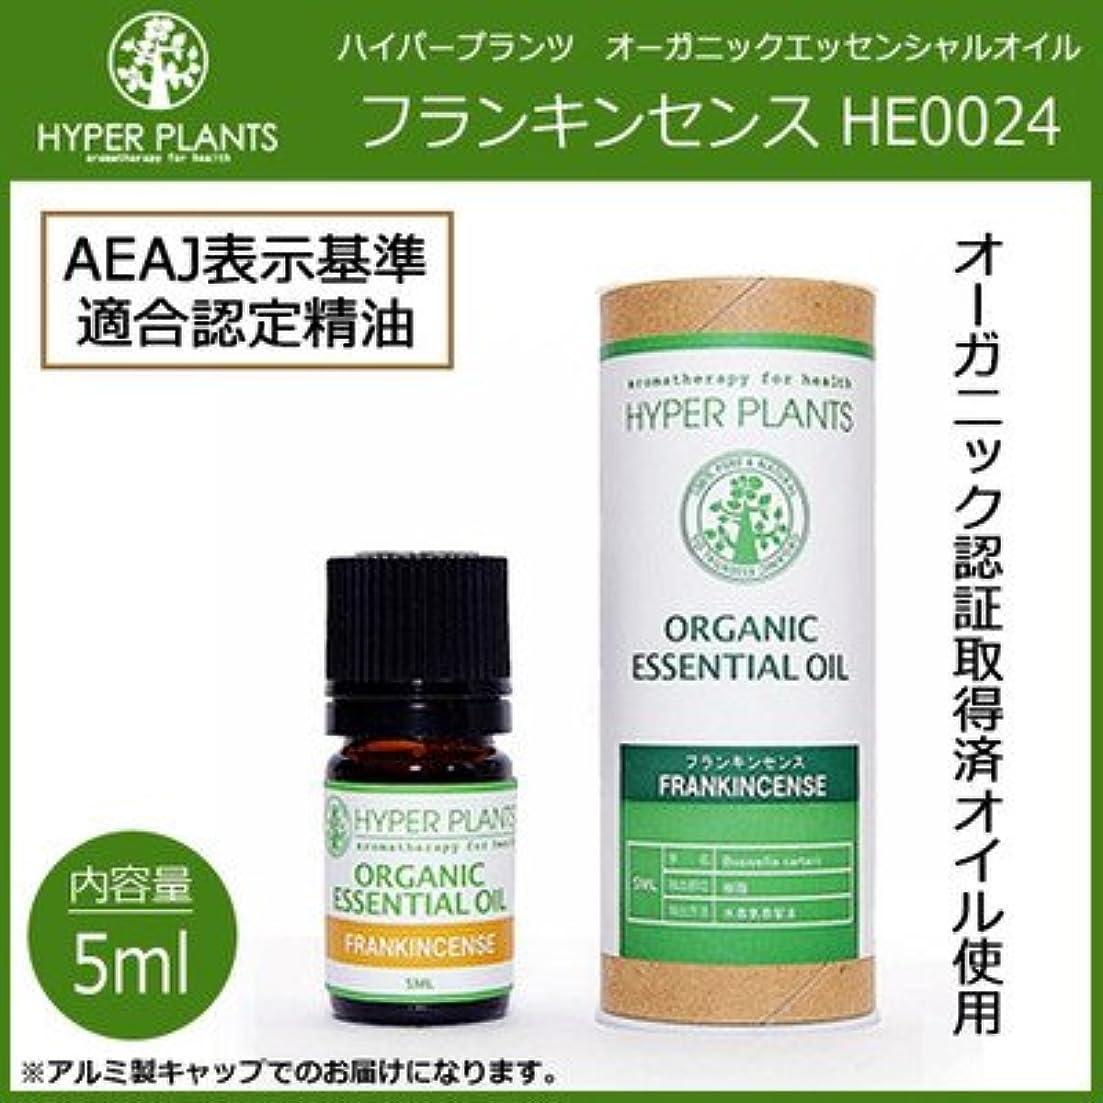 毎日の生活にアロマの香りを HYPER PLANTS ハイパープランツ オーガニックエッセンシャルオイル フランキンセンス 5ml HE0024